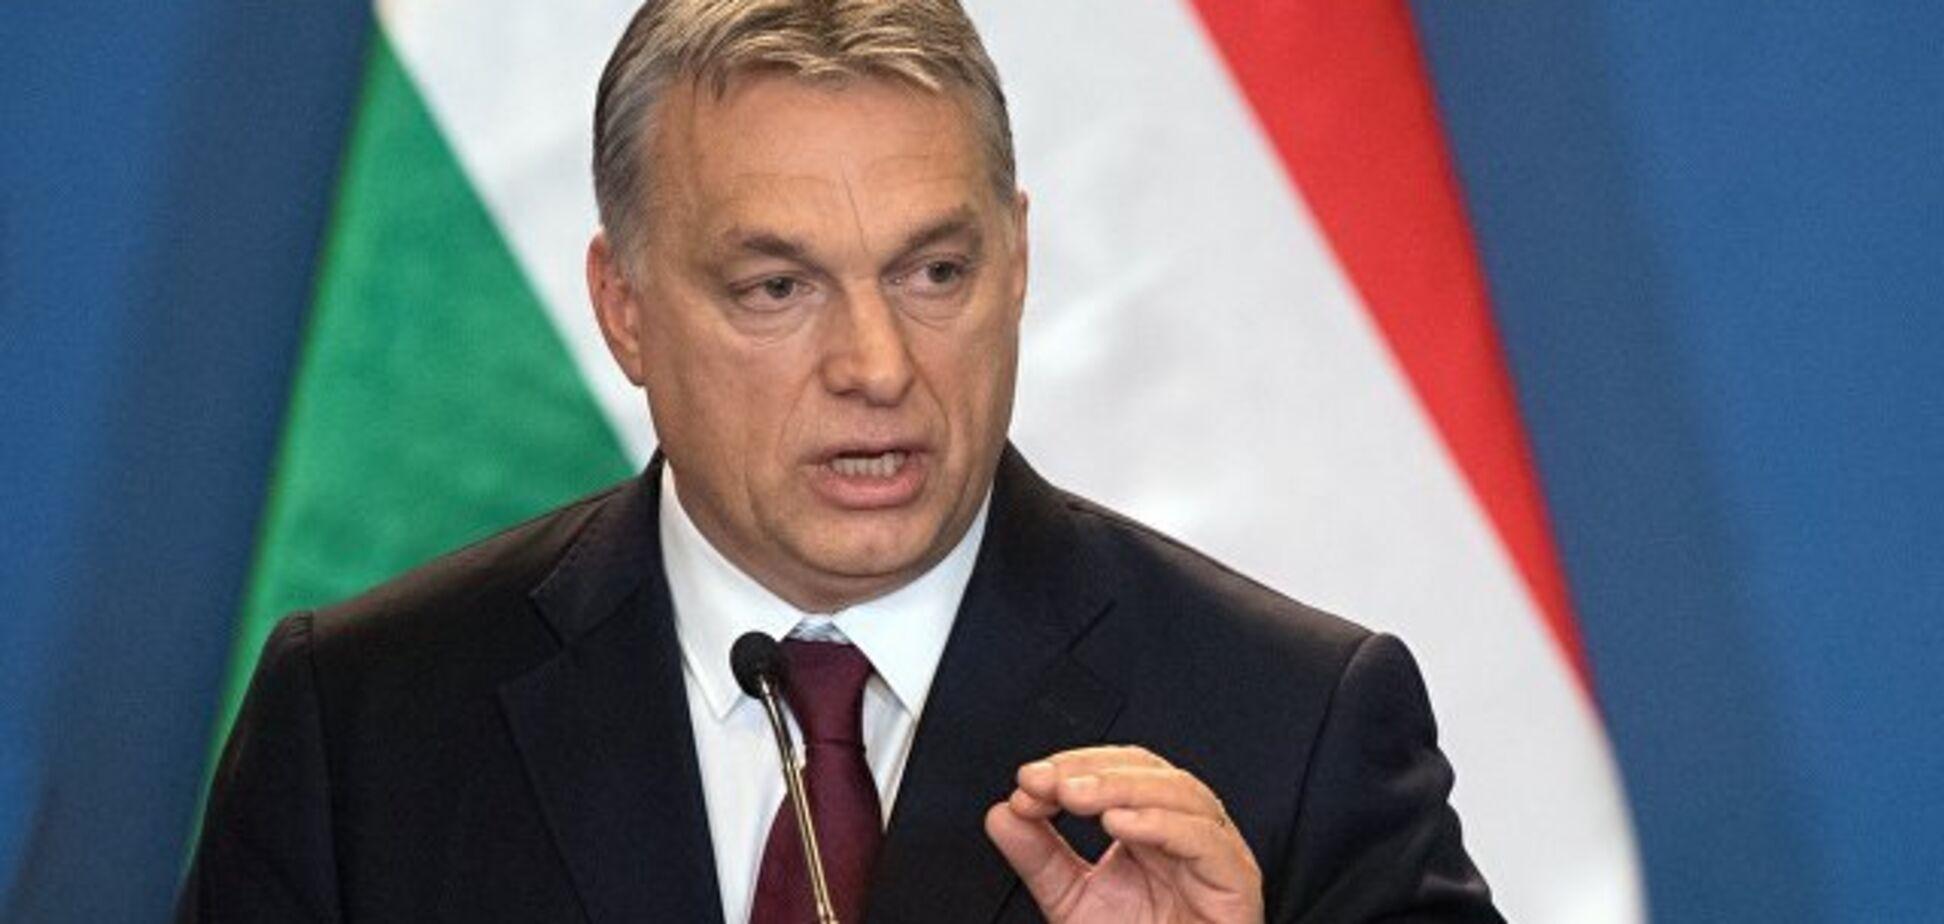 Проблемы с Венгрией  возникли бы в любом случае, и не по вине Украины